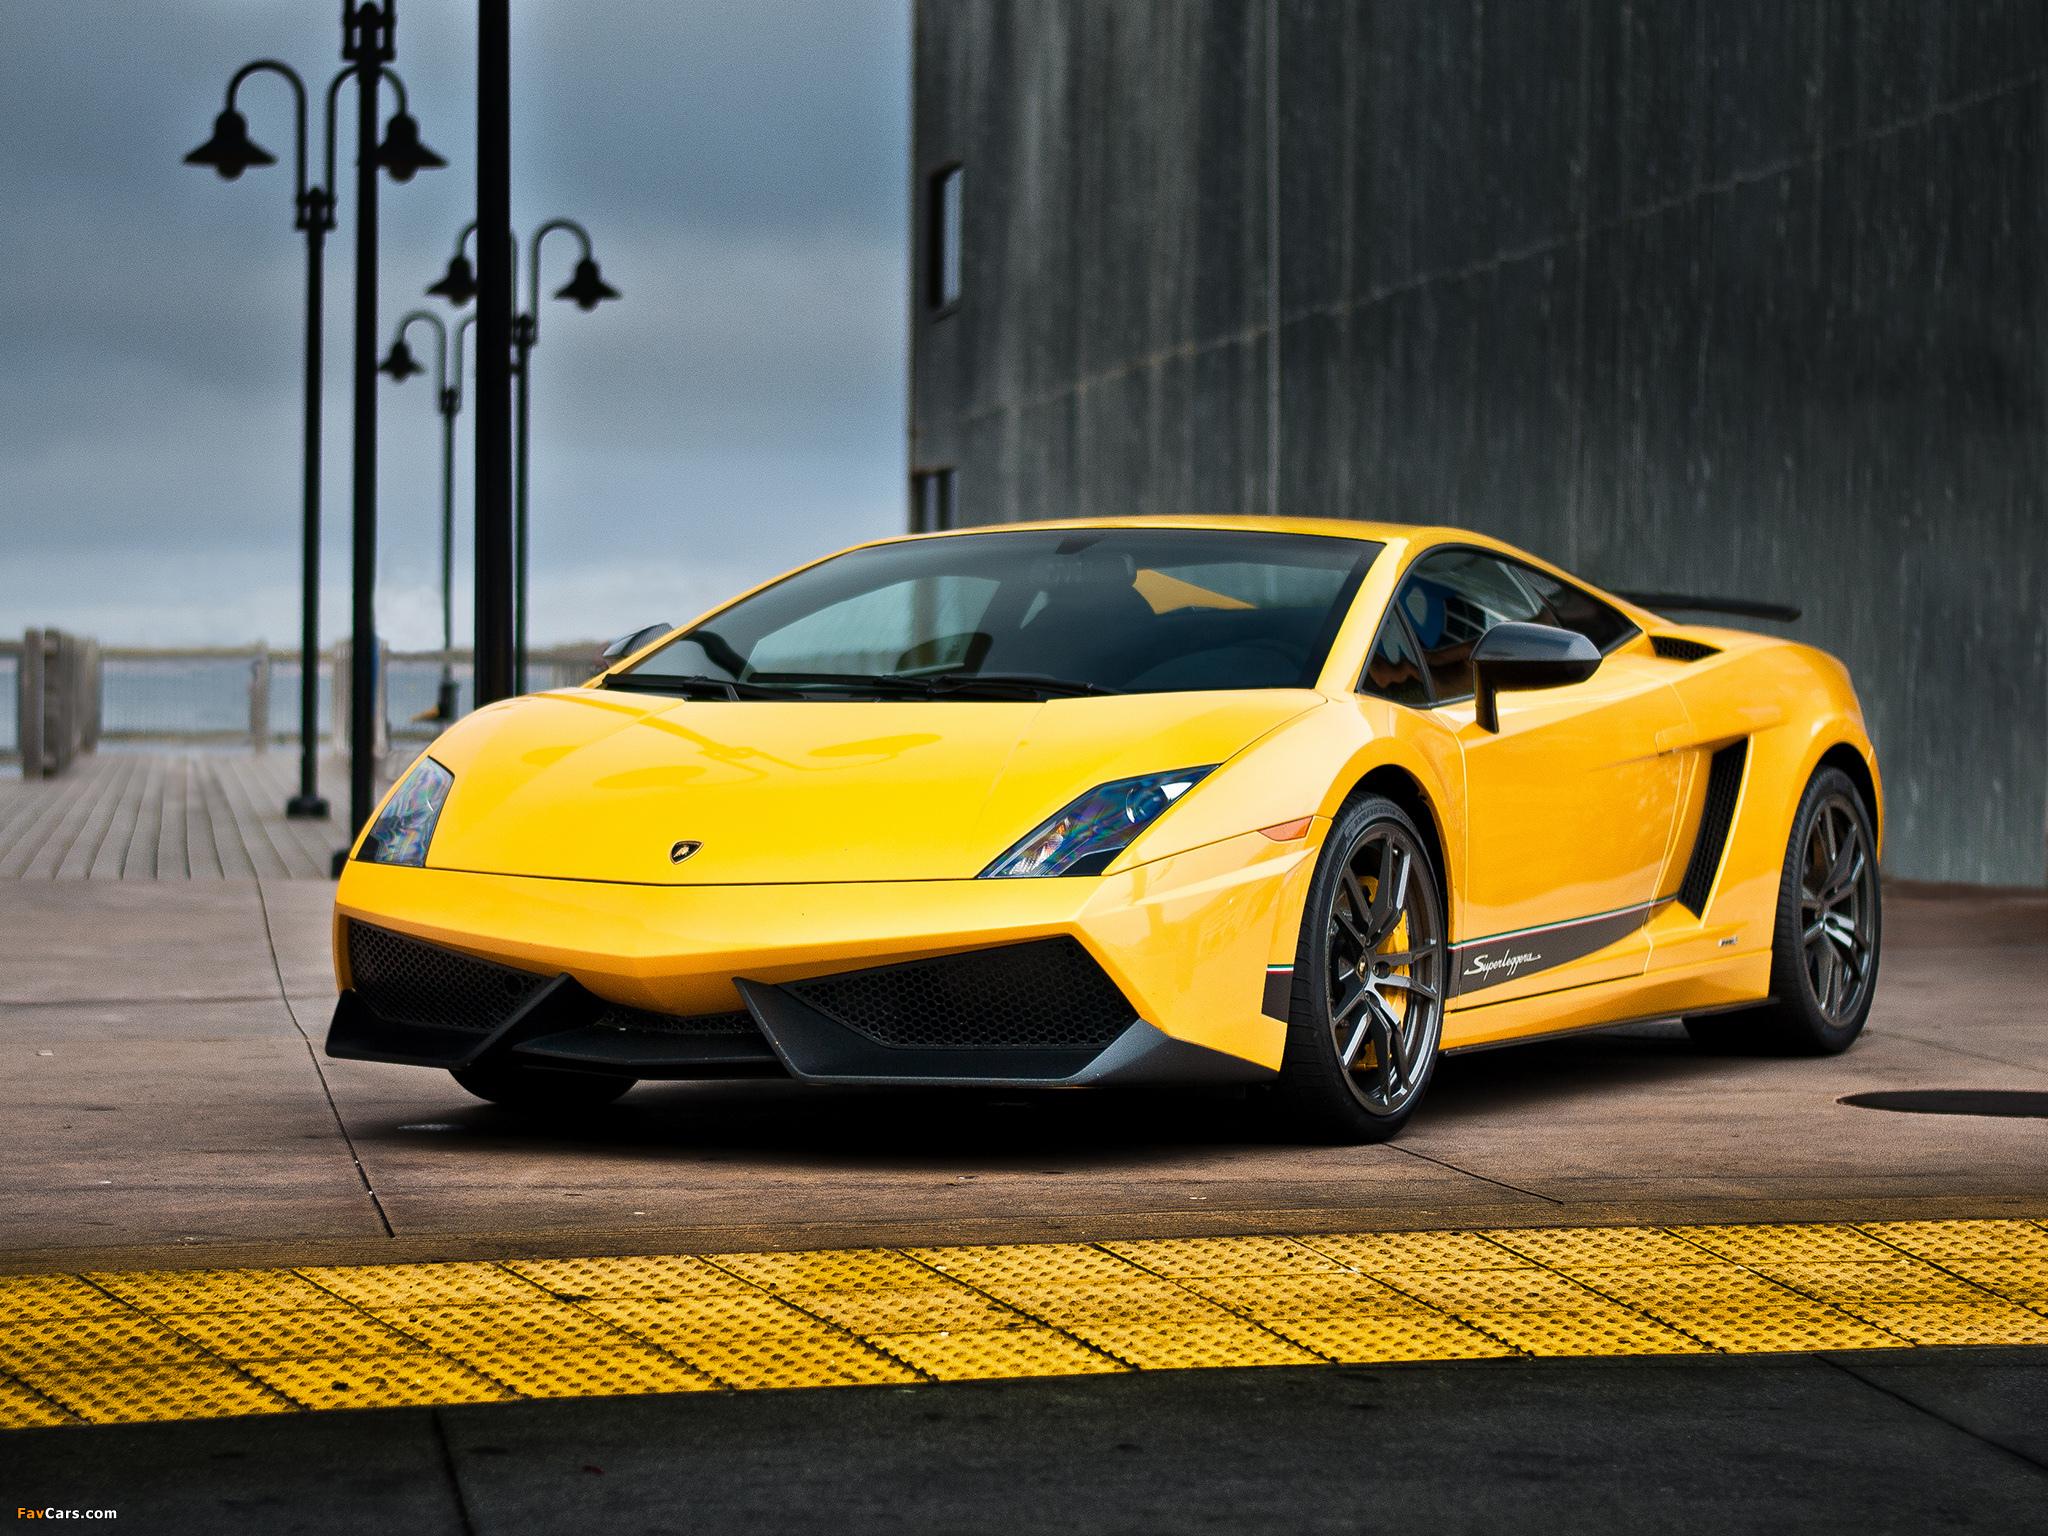 спортивный автомобиль желтый Lamborghini sports car yellow загрузить